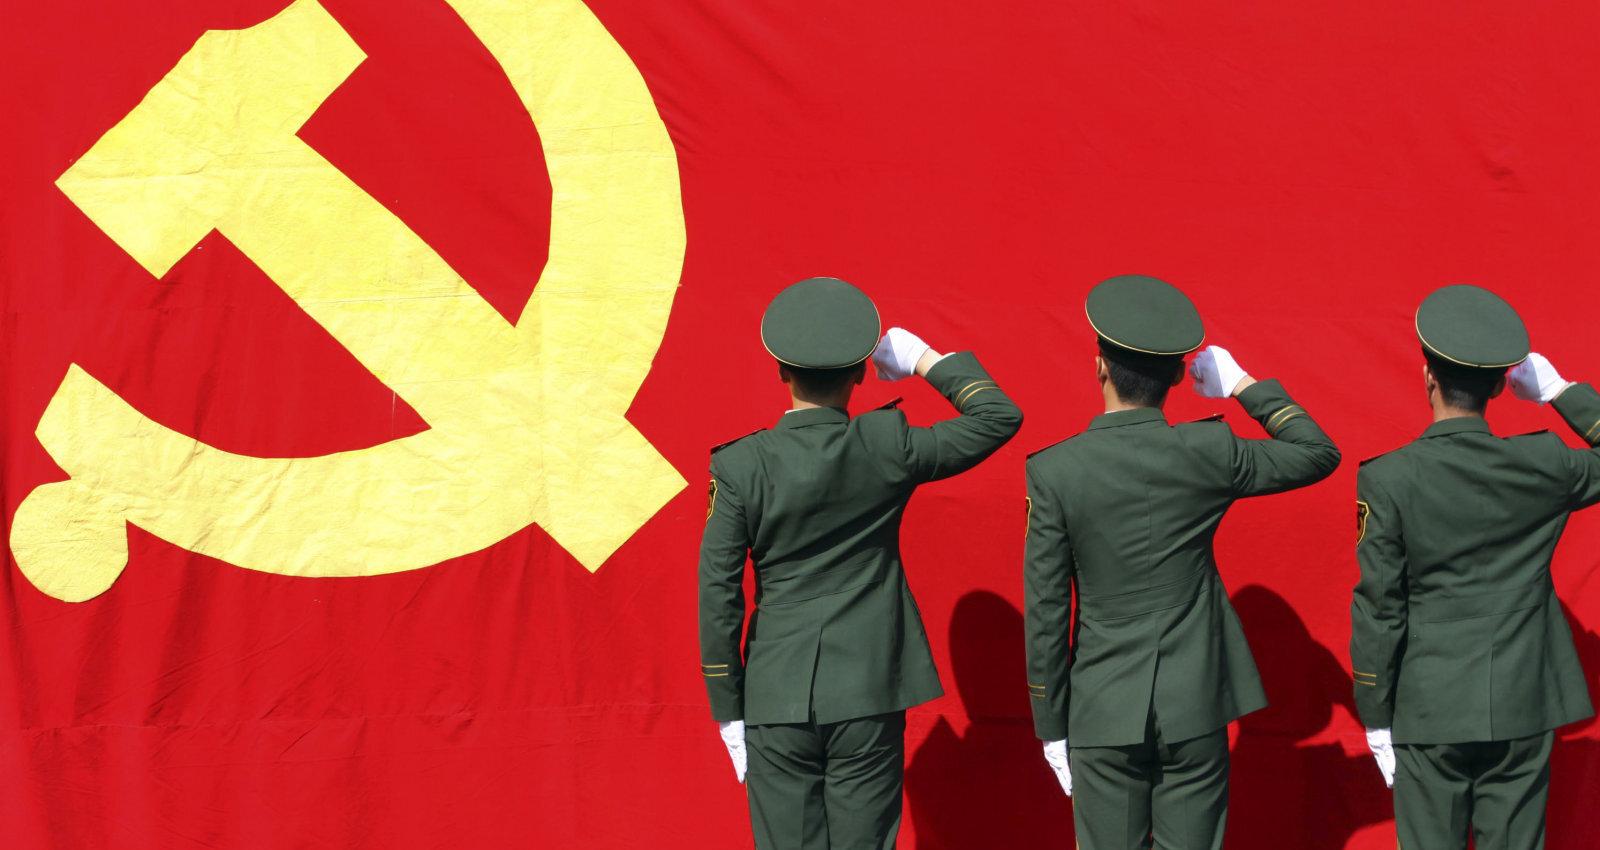 Ķīna nāk: Kā Austrumu lielvara iegūst bāzes aizjūrās